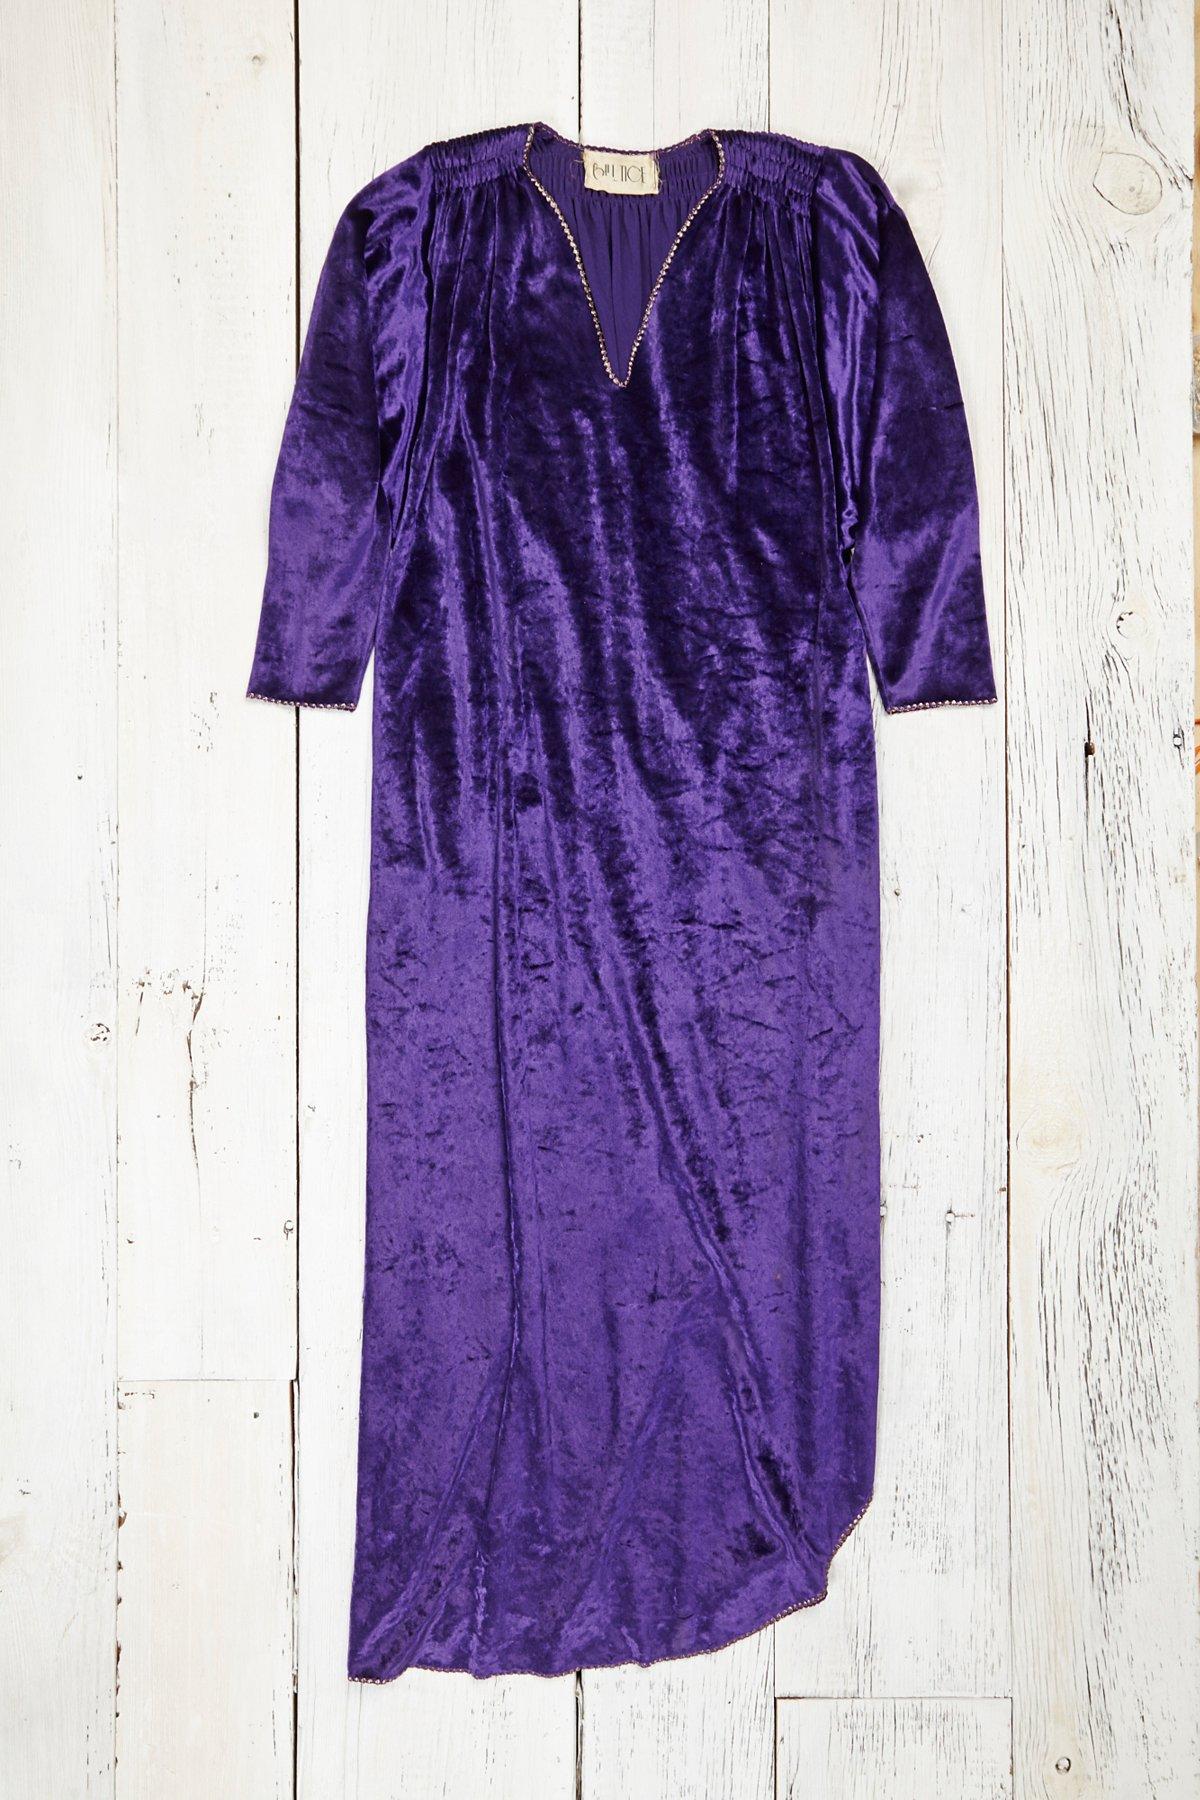 Vintage 1970s Velvet Dress